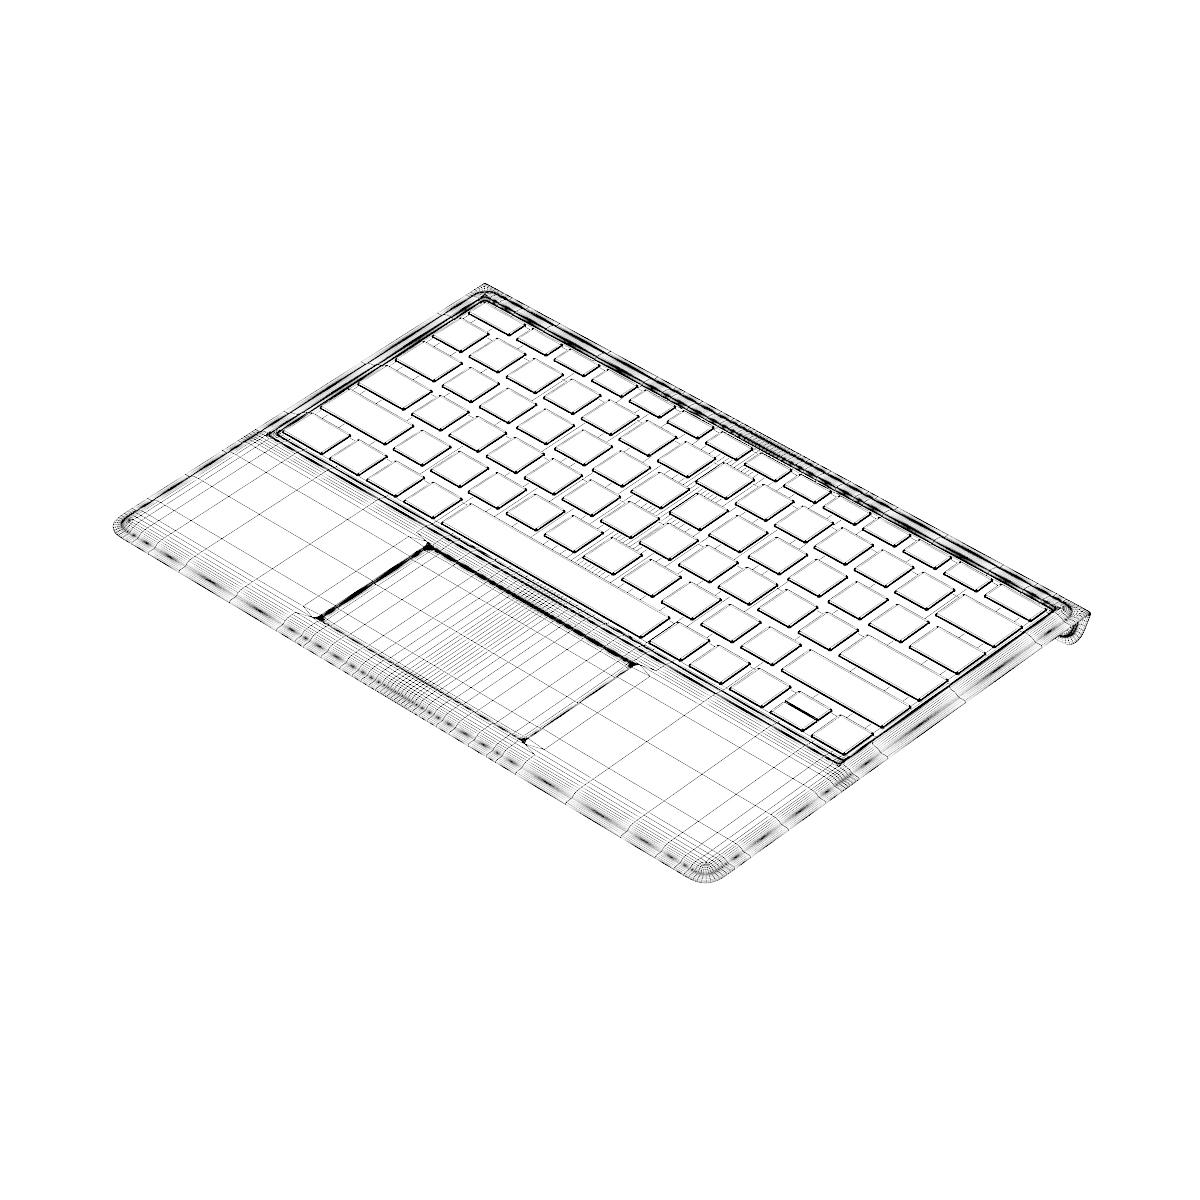 Surface Keyboard Bent